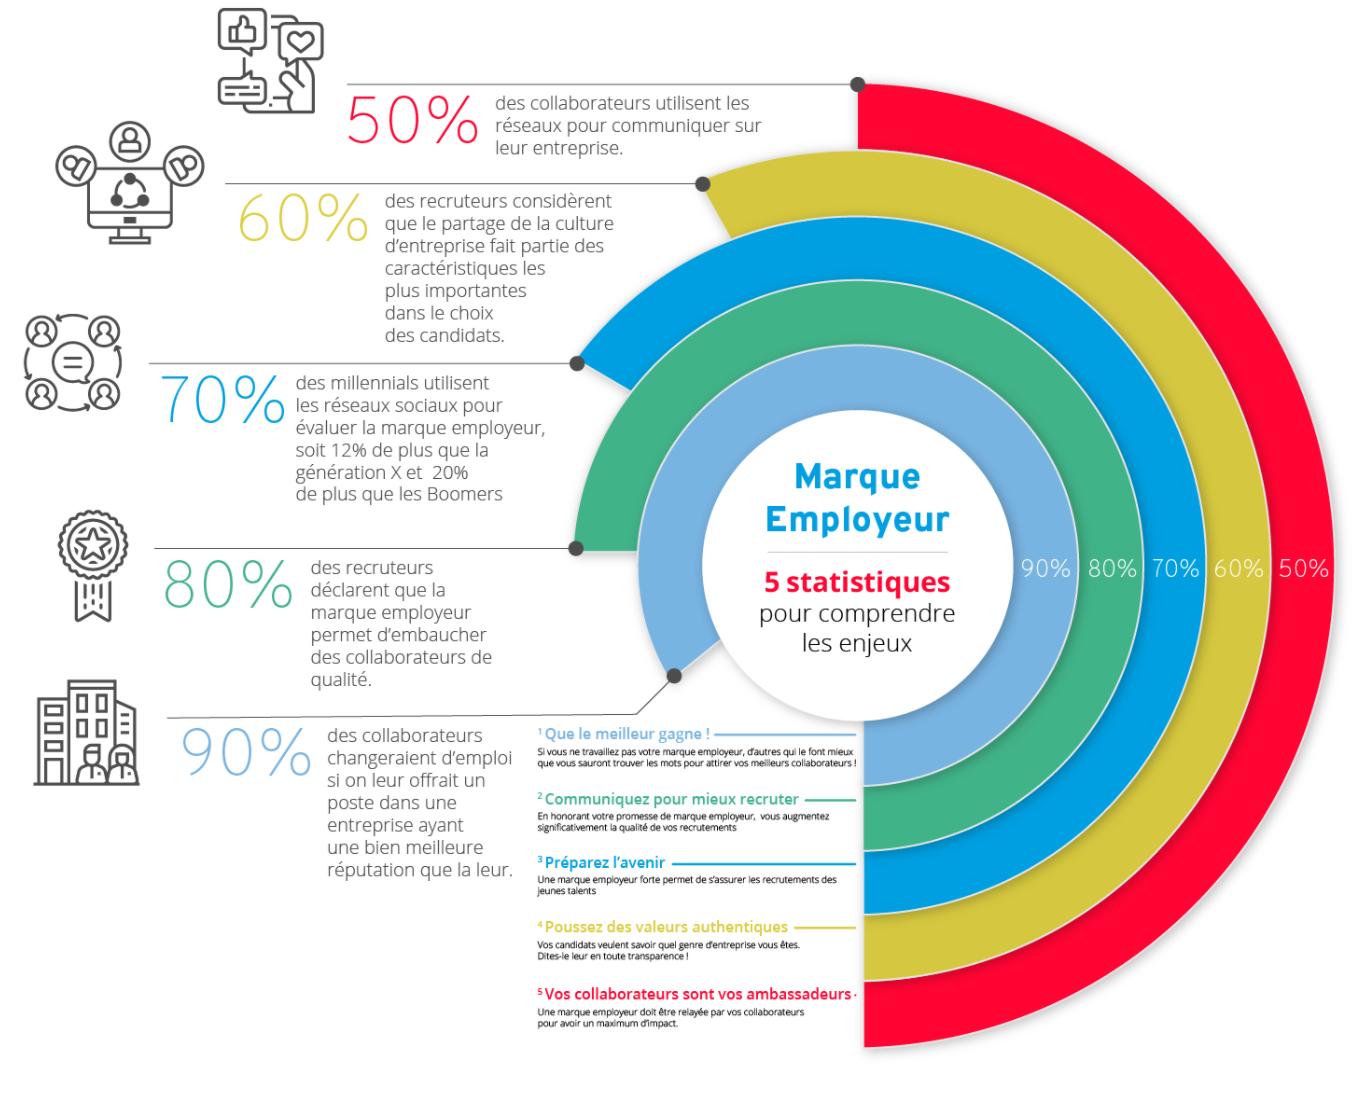 5 statistiques pour comprendre les enjeux de la marque employeur. - Source : inbound.lasuperagence. com